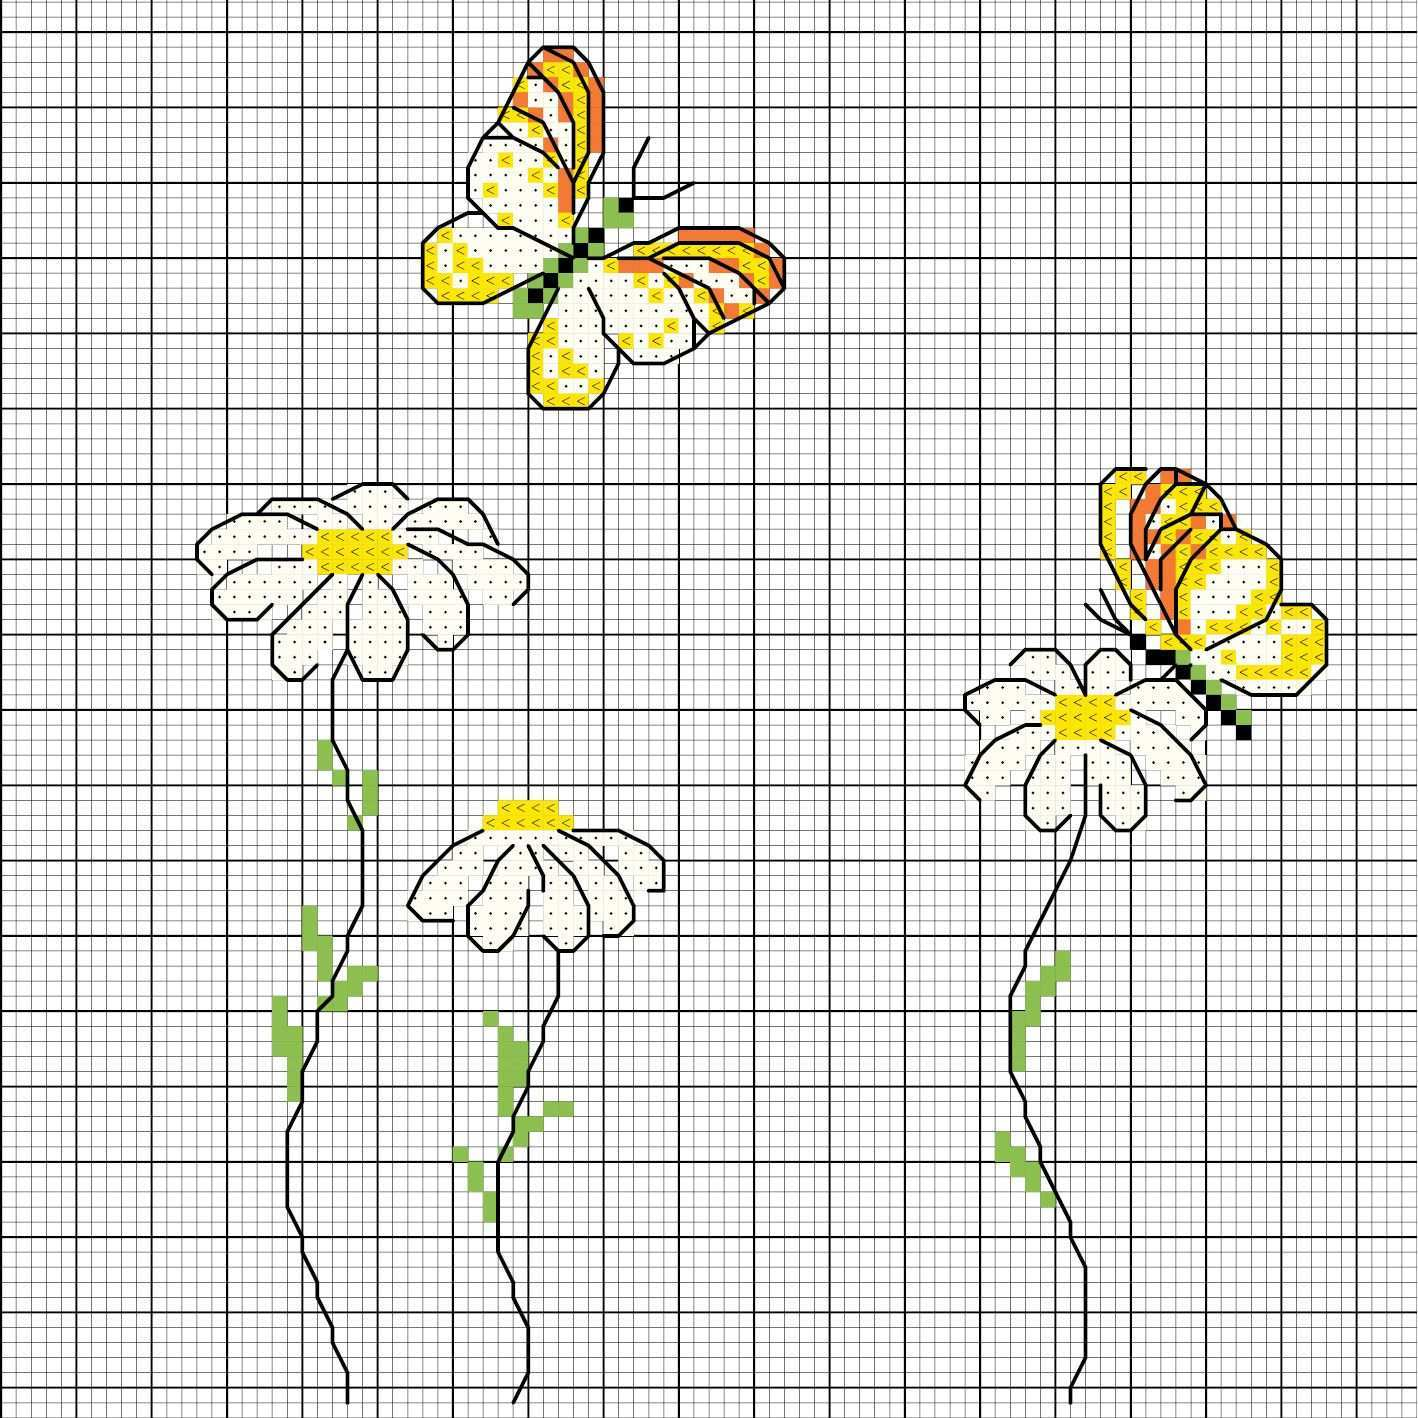 Margerite Mit Schmetterling Sticken Entdecke Zahlreiche Kostenlose Charts Zum Sticken Sticken Stickmotive Kreuzstich Kostenlos